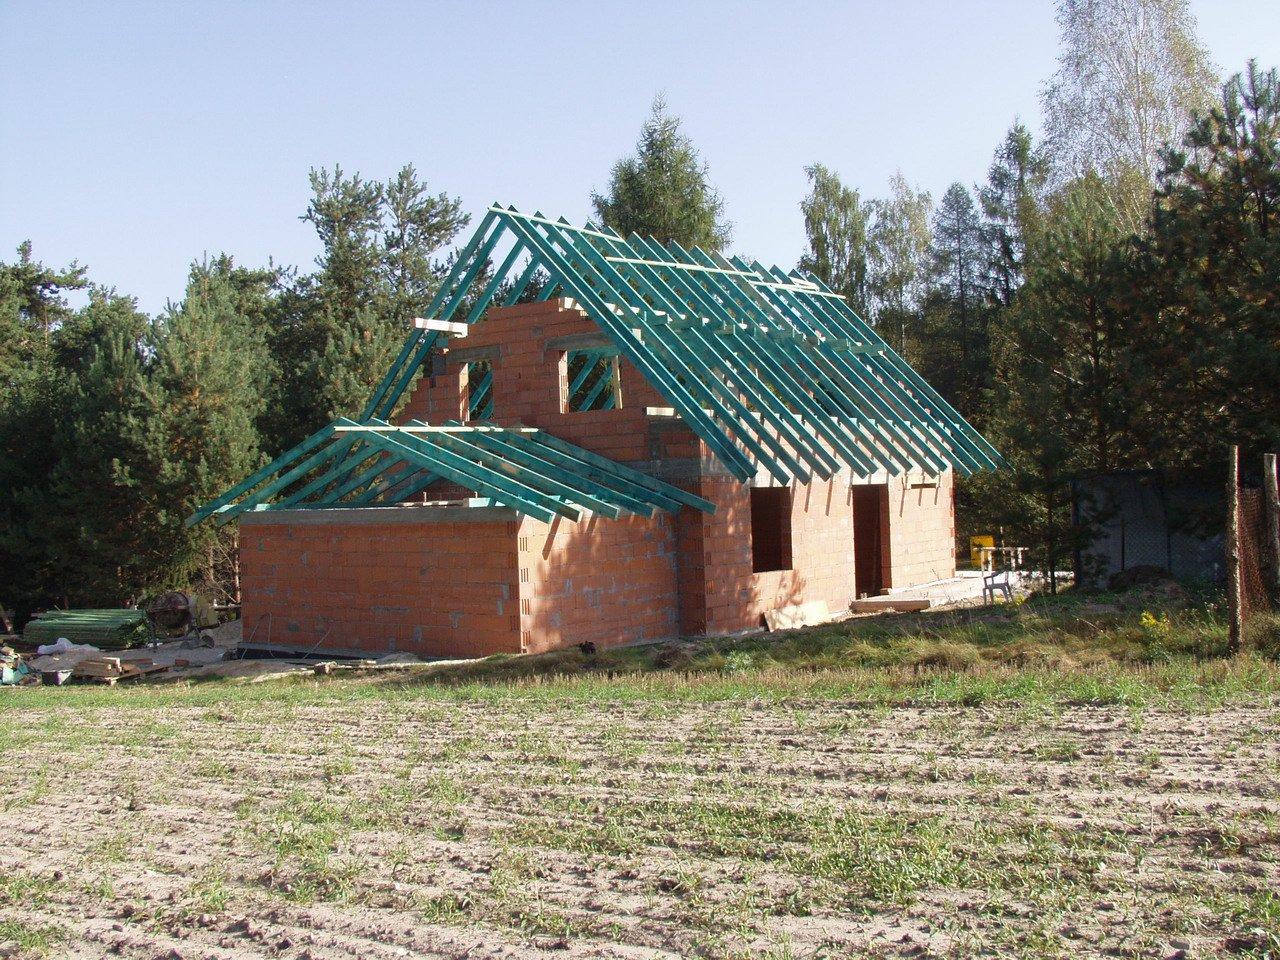 projekt-domu-lesny-zakatek-fot-4-1390379627-dst1z9op.jpg